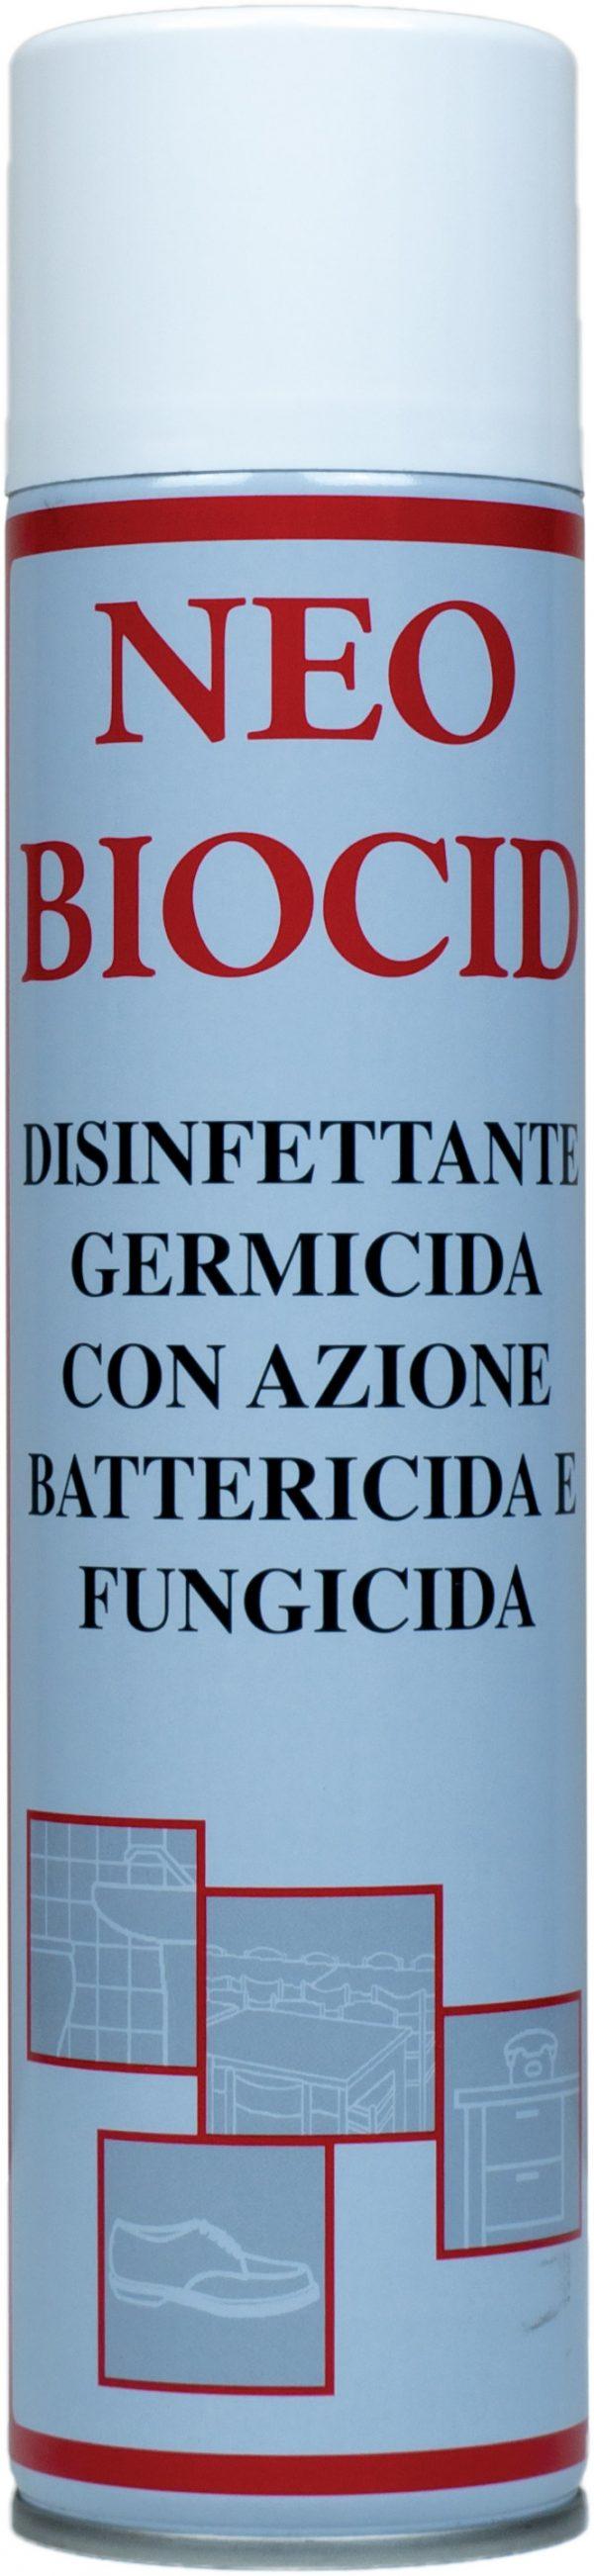 pmc, presidio medico chirurgico, disinfettante germicida, azione antibatterica e funghicida